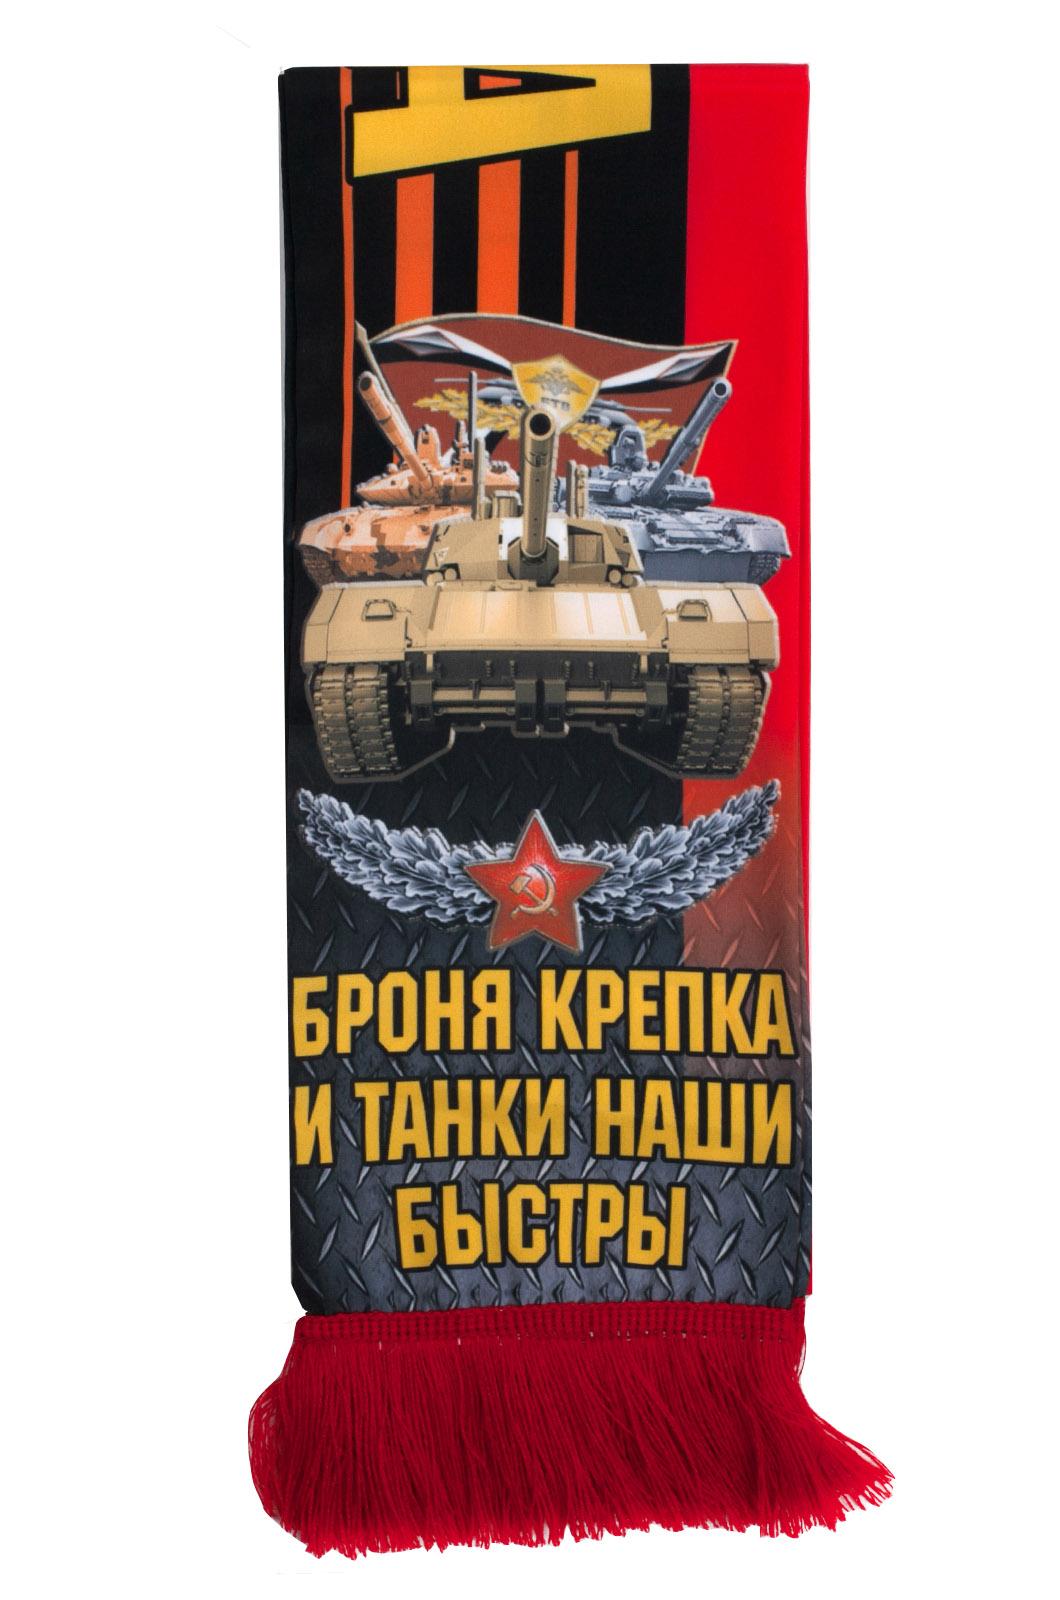 Шёлковый шарф в подарок танкисту от Военпро